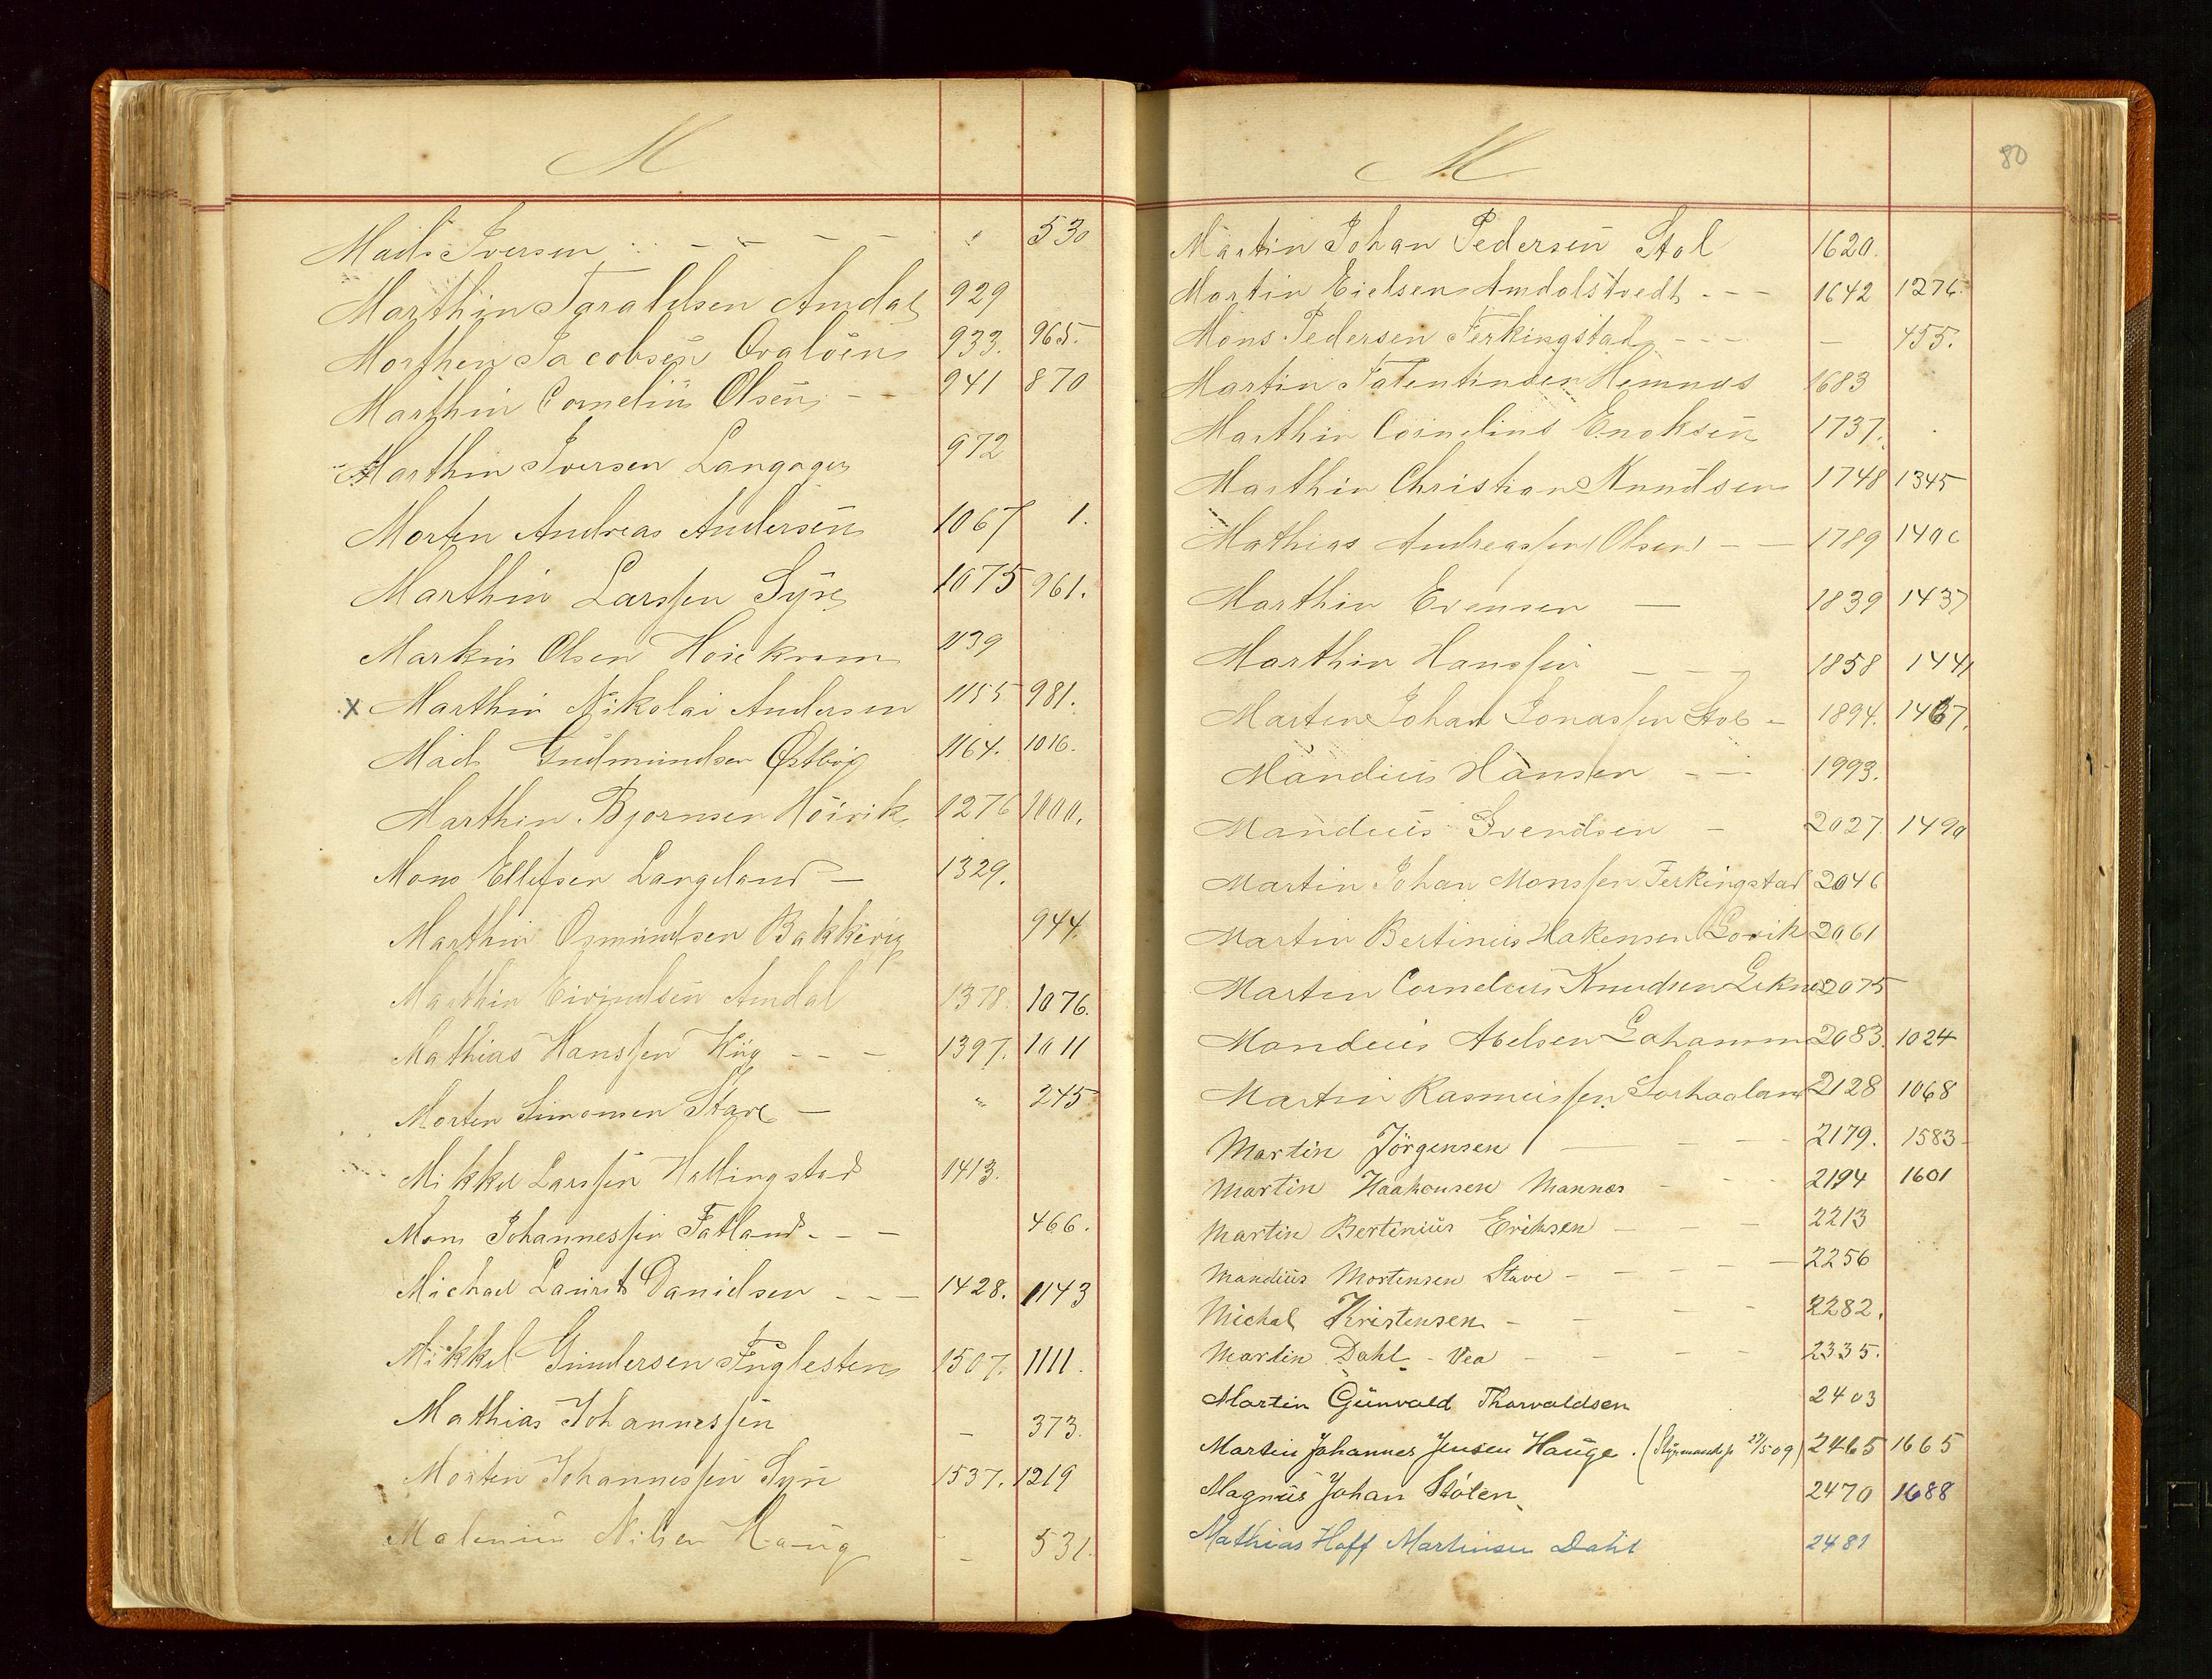 SAST, Haugesund sjømannskontor, F/Fb/Fba/L0003: Navneregister med henvisning til rullenummer (fornavn) Haugesund krets, 1860-1948, s. 80